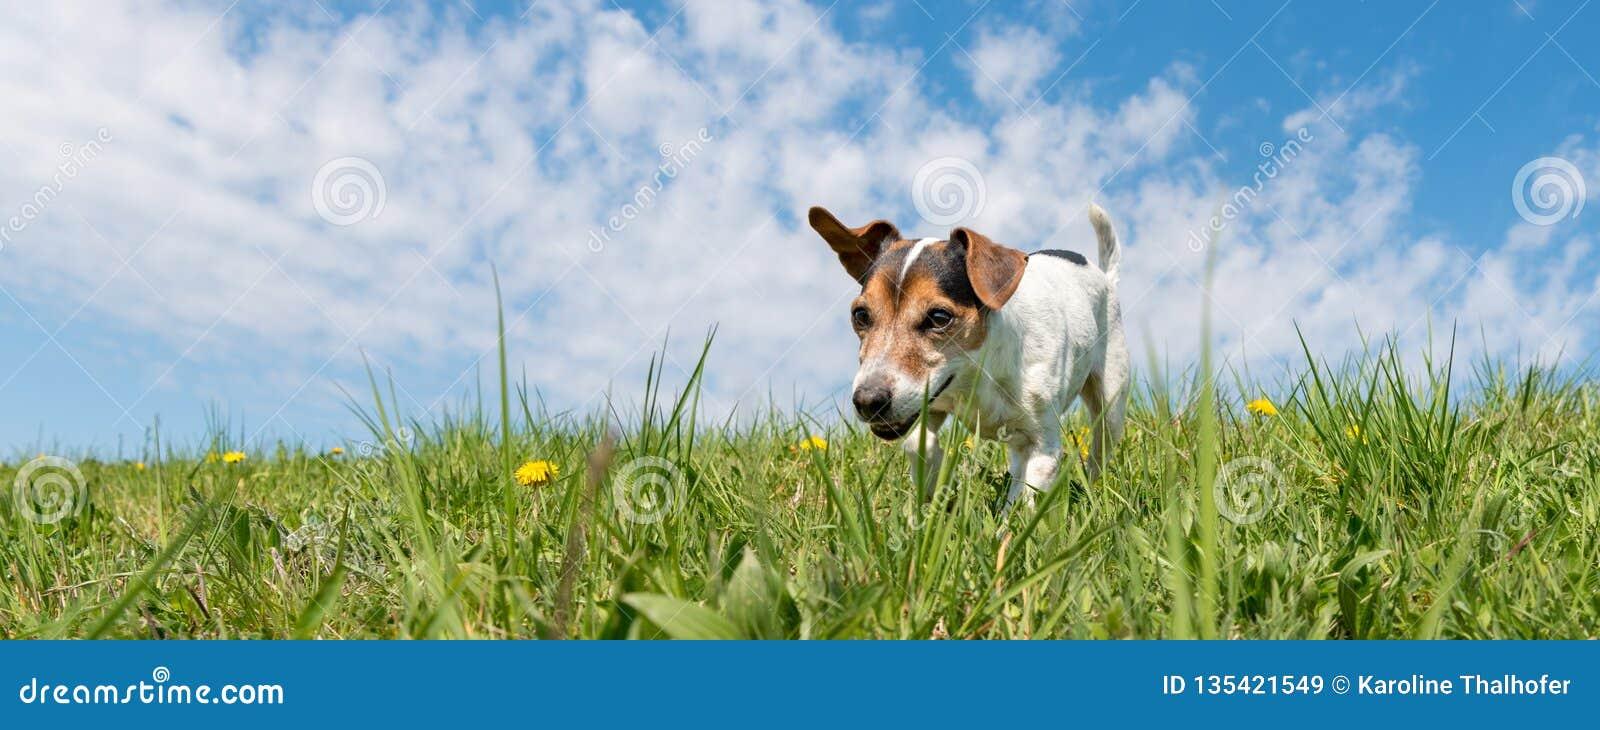 Cane di Jack Russell Terrier su un prato davanti a cielo blu